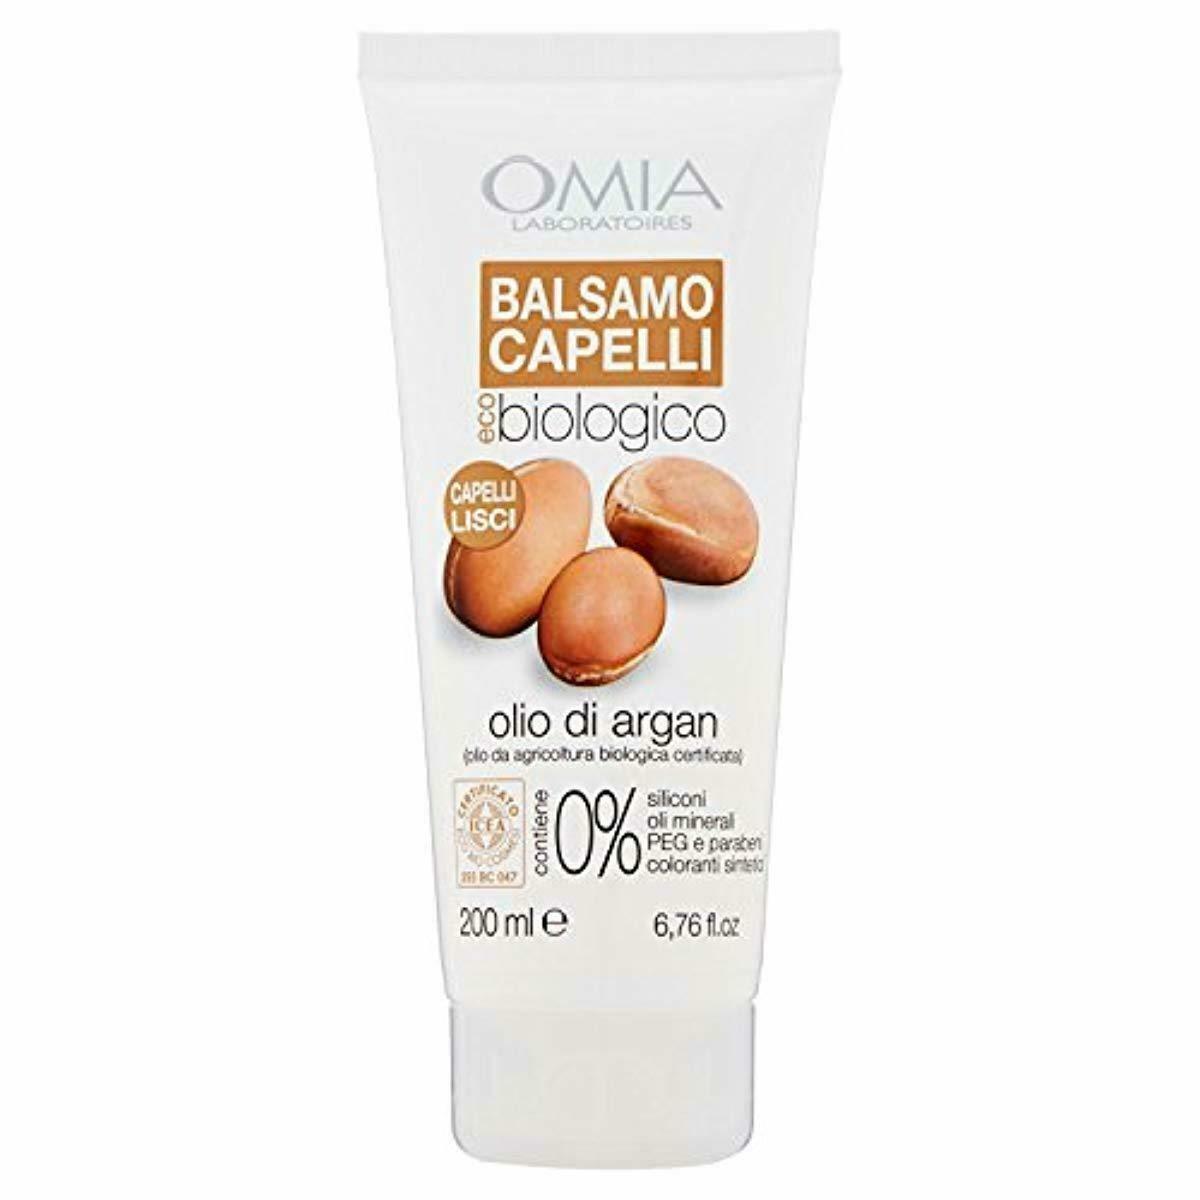 Balsamo Capelli Omia Olio di Argan 200 ml